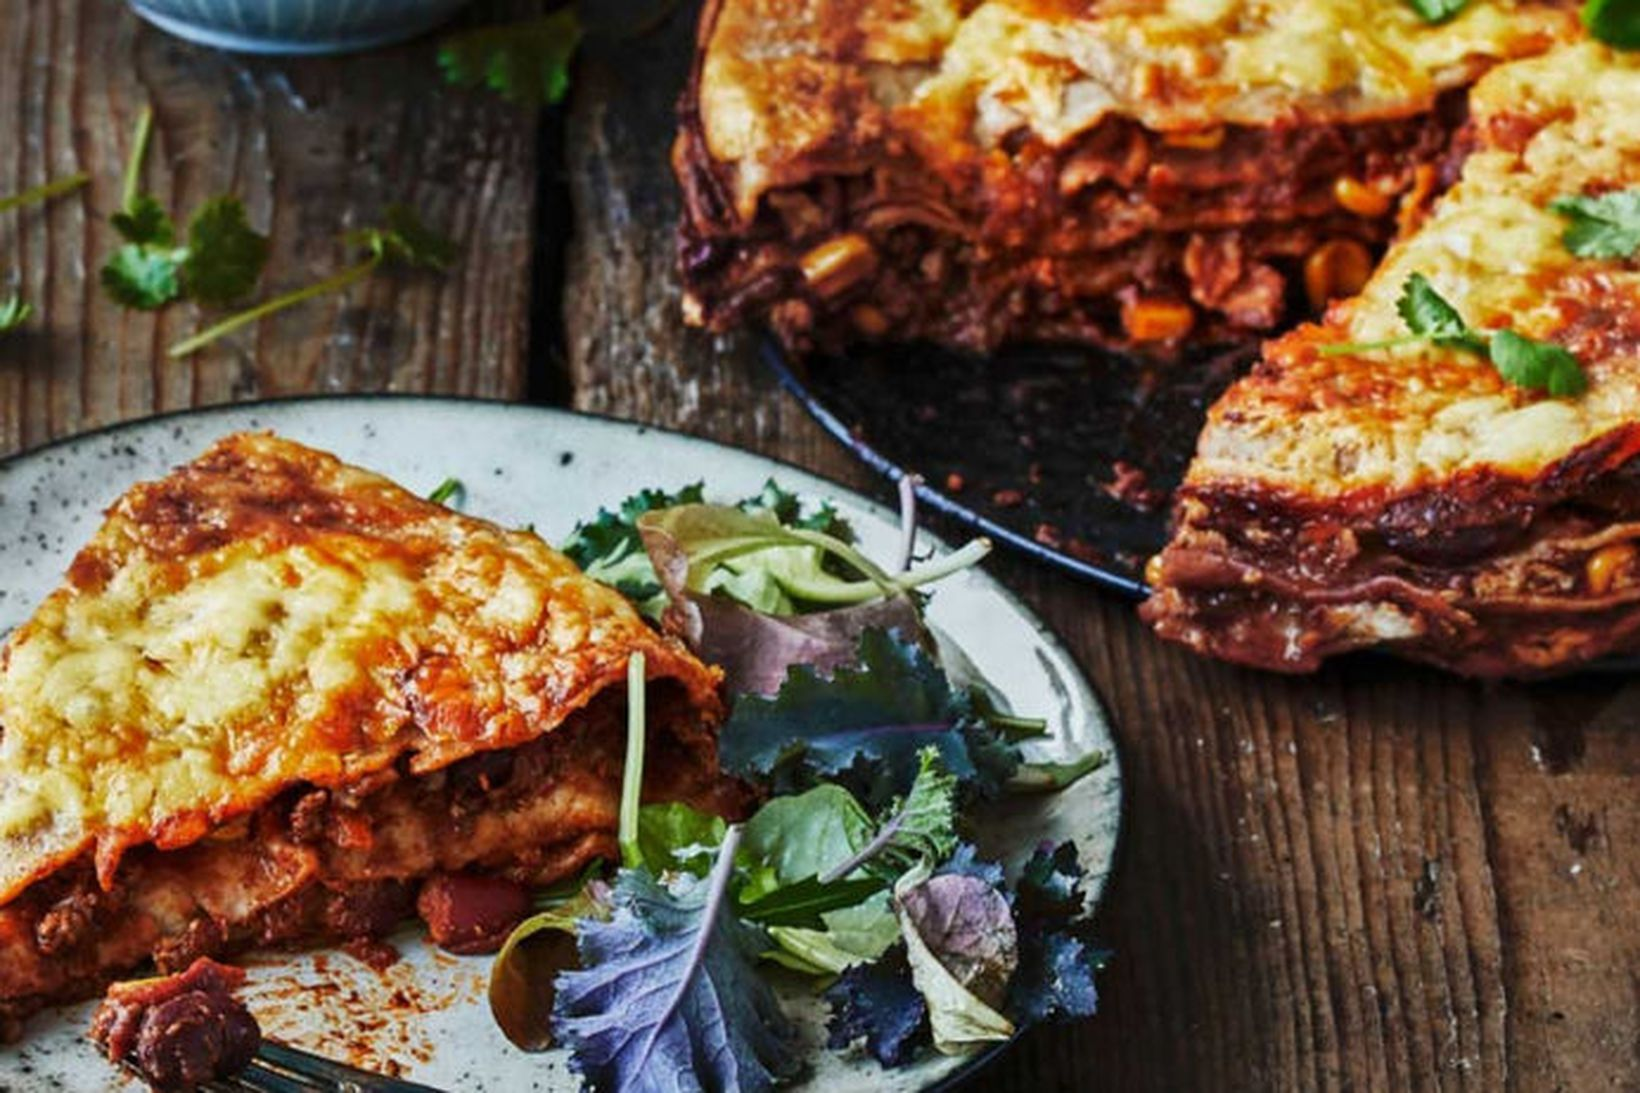 Lasagna er réttur sem allir elska, og þessi er með …